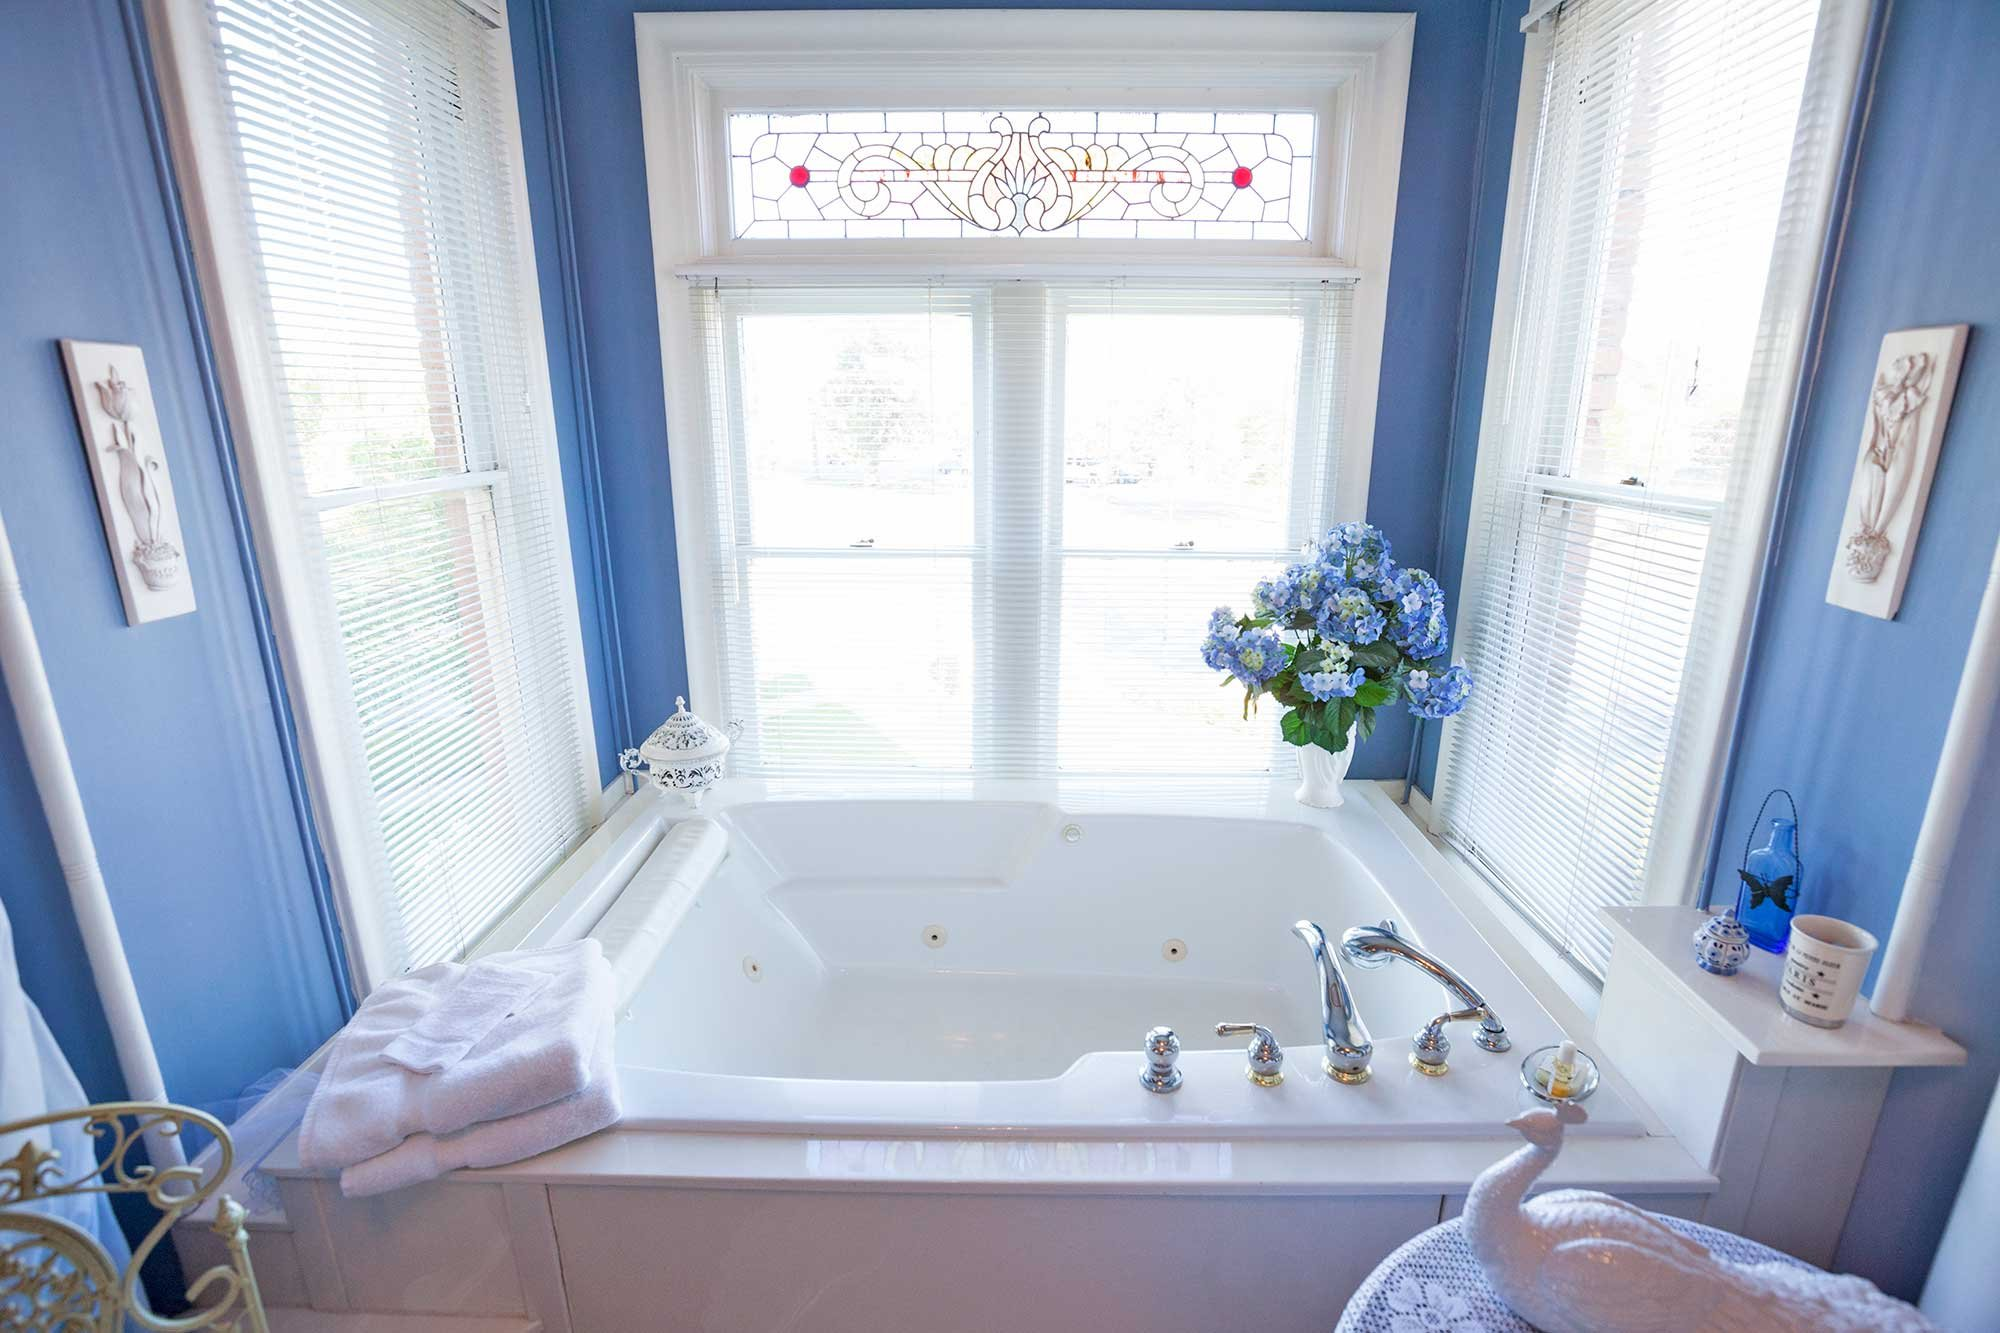 Luxurious Bathtub Near Window